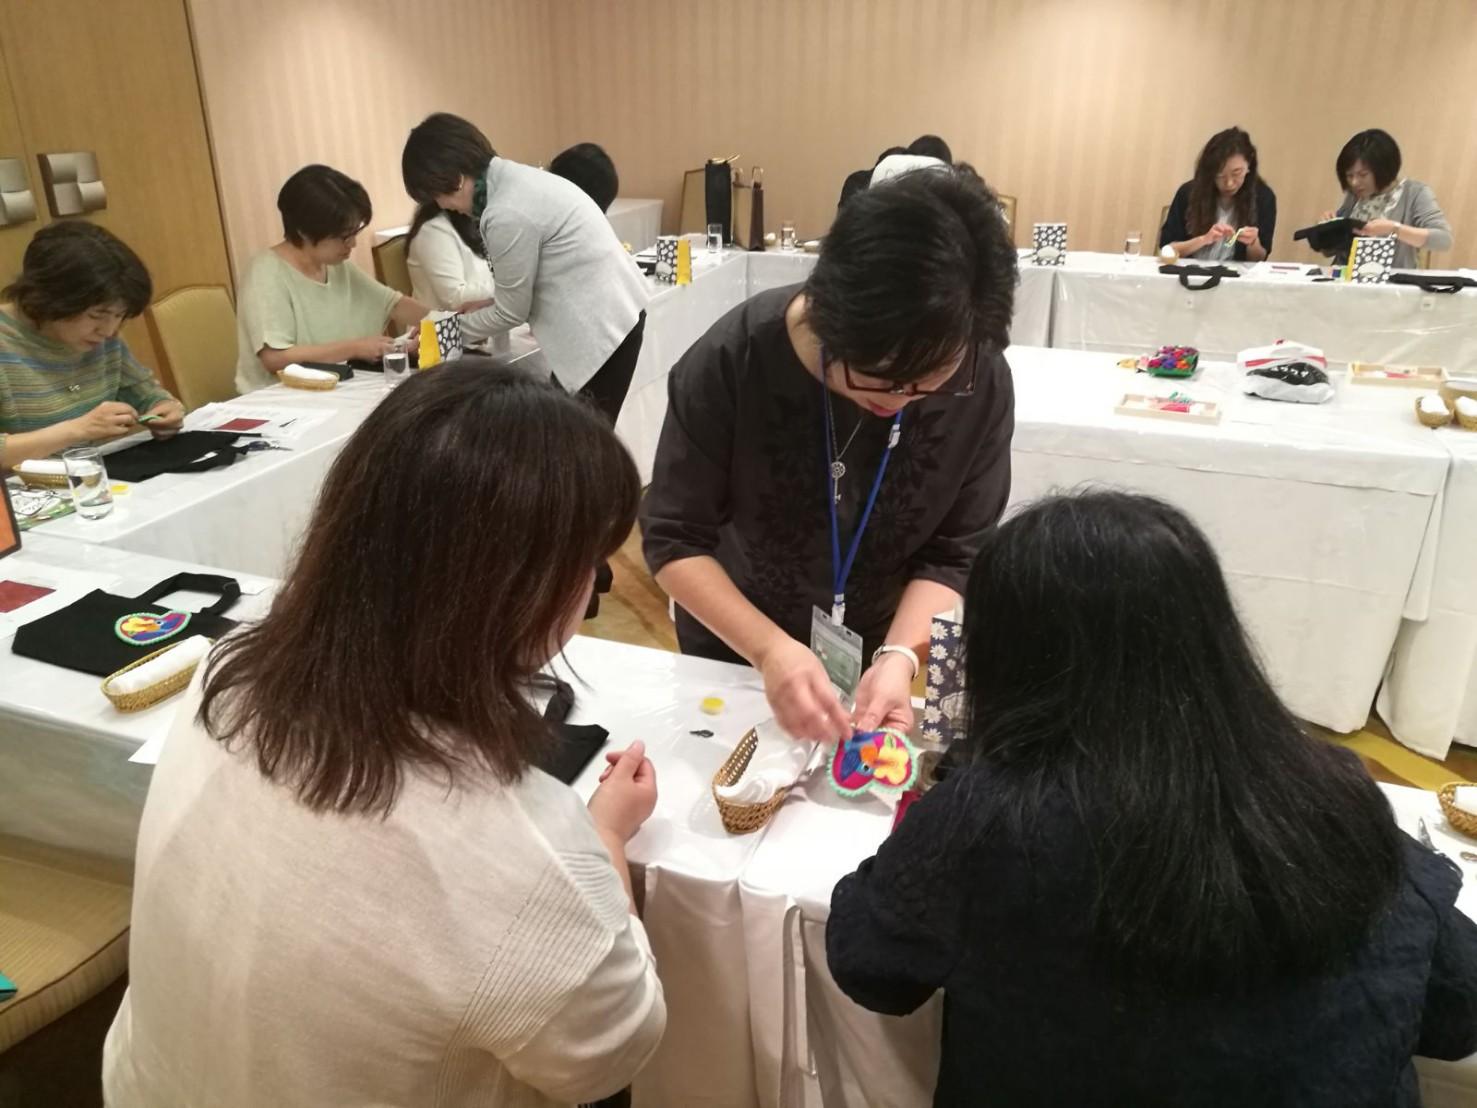 モラのワークショップにて、モラを指導する山田尚美先生